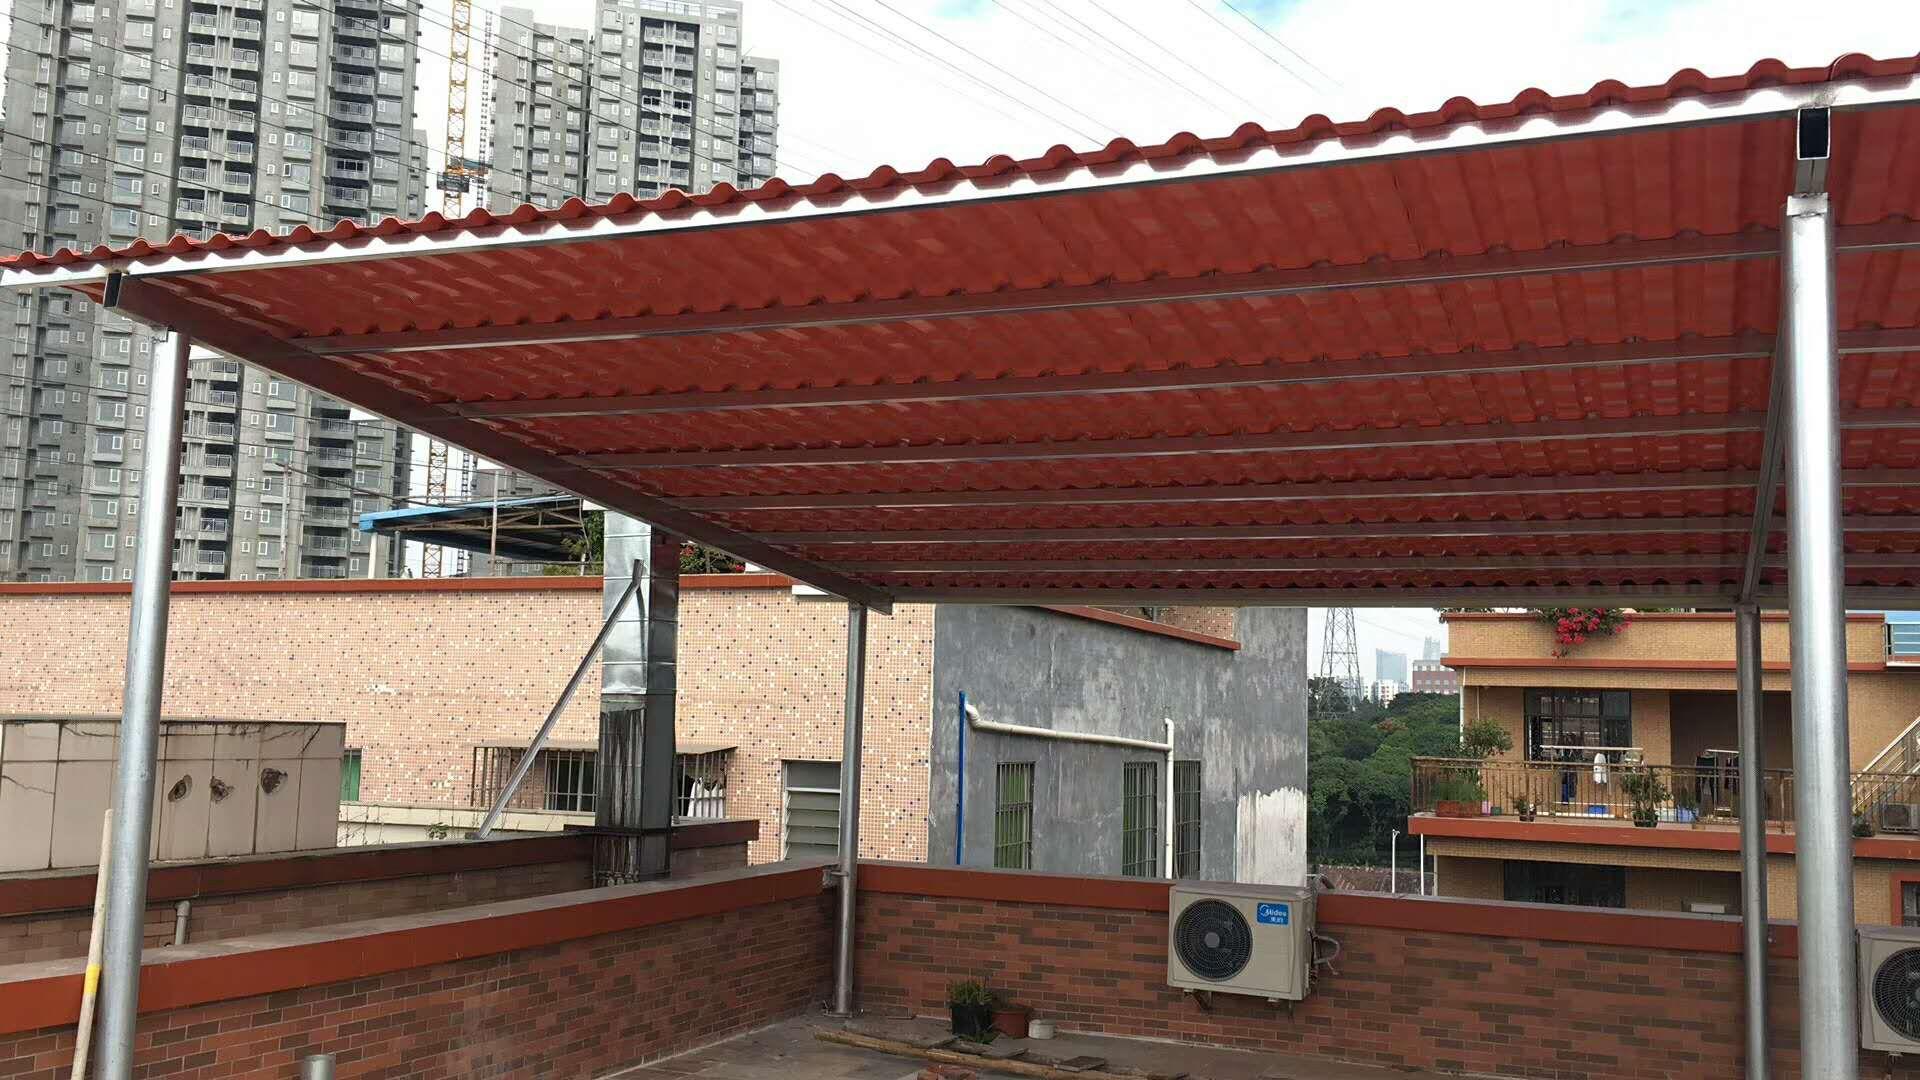 钢结构平台,铁棚,铁皮棚,彩瓦棚,车棚,雨棚,遮阳棚,钢结构厂房,铁皮瓦